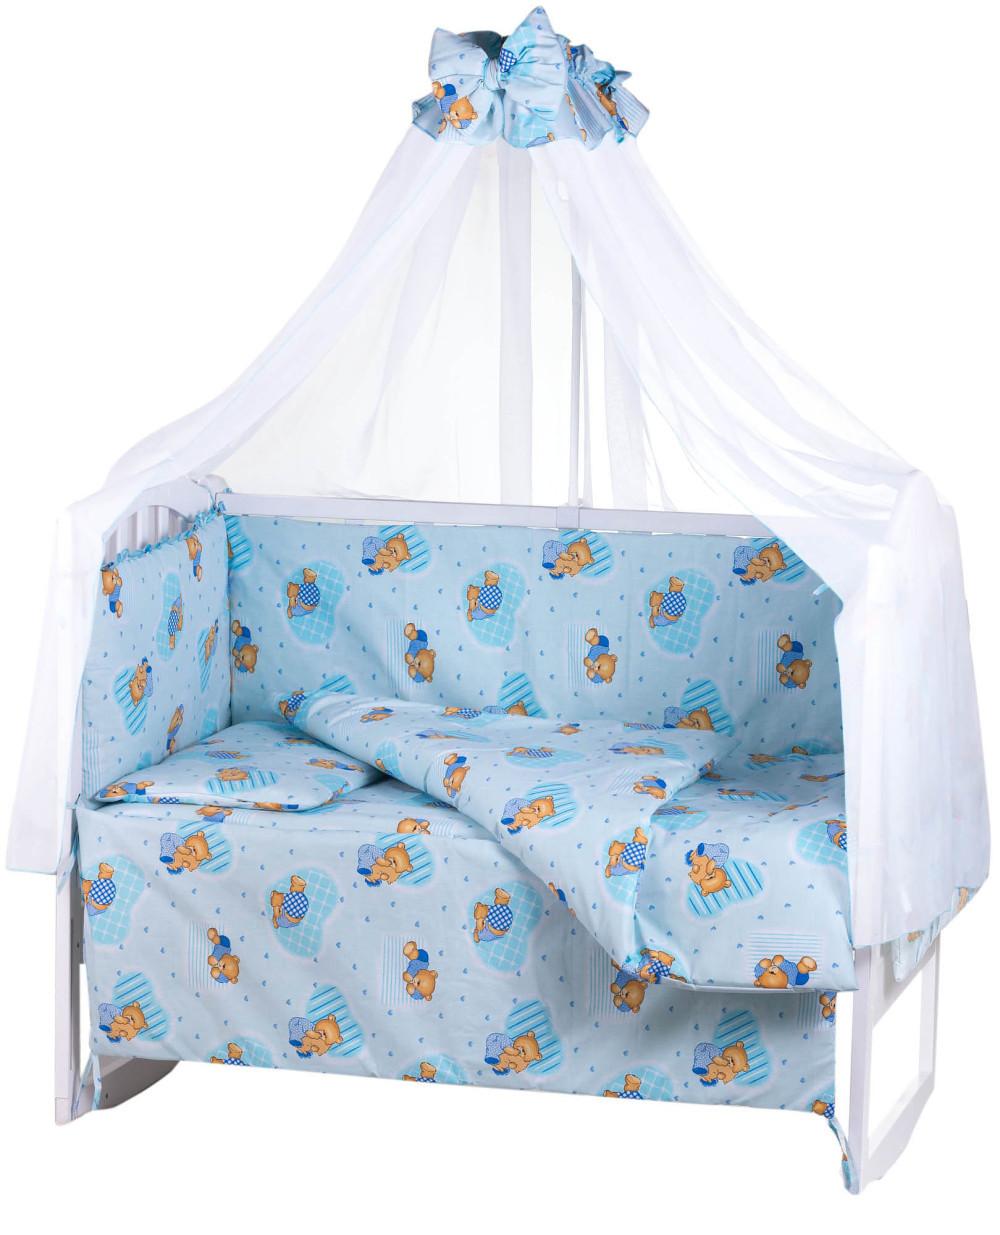 Детская постель Qvatro Gold RG-08 рисунок  голубая (мишки)